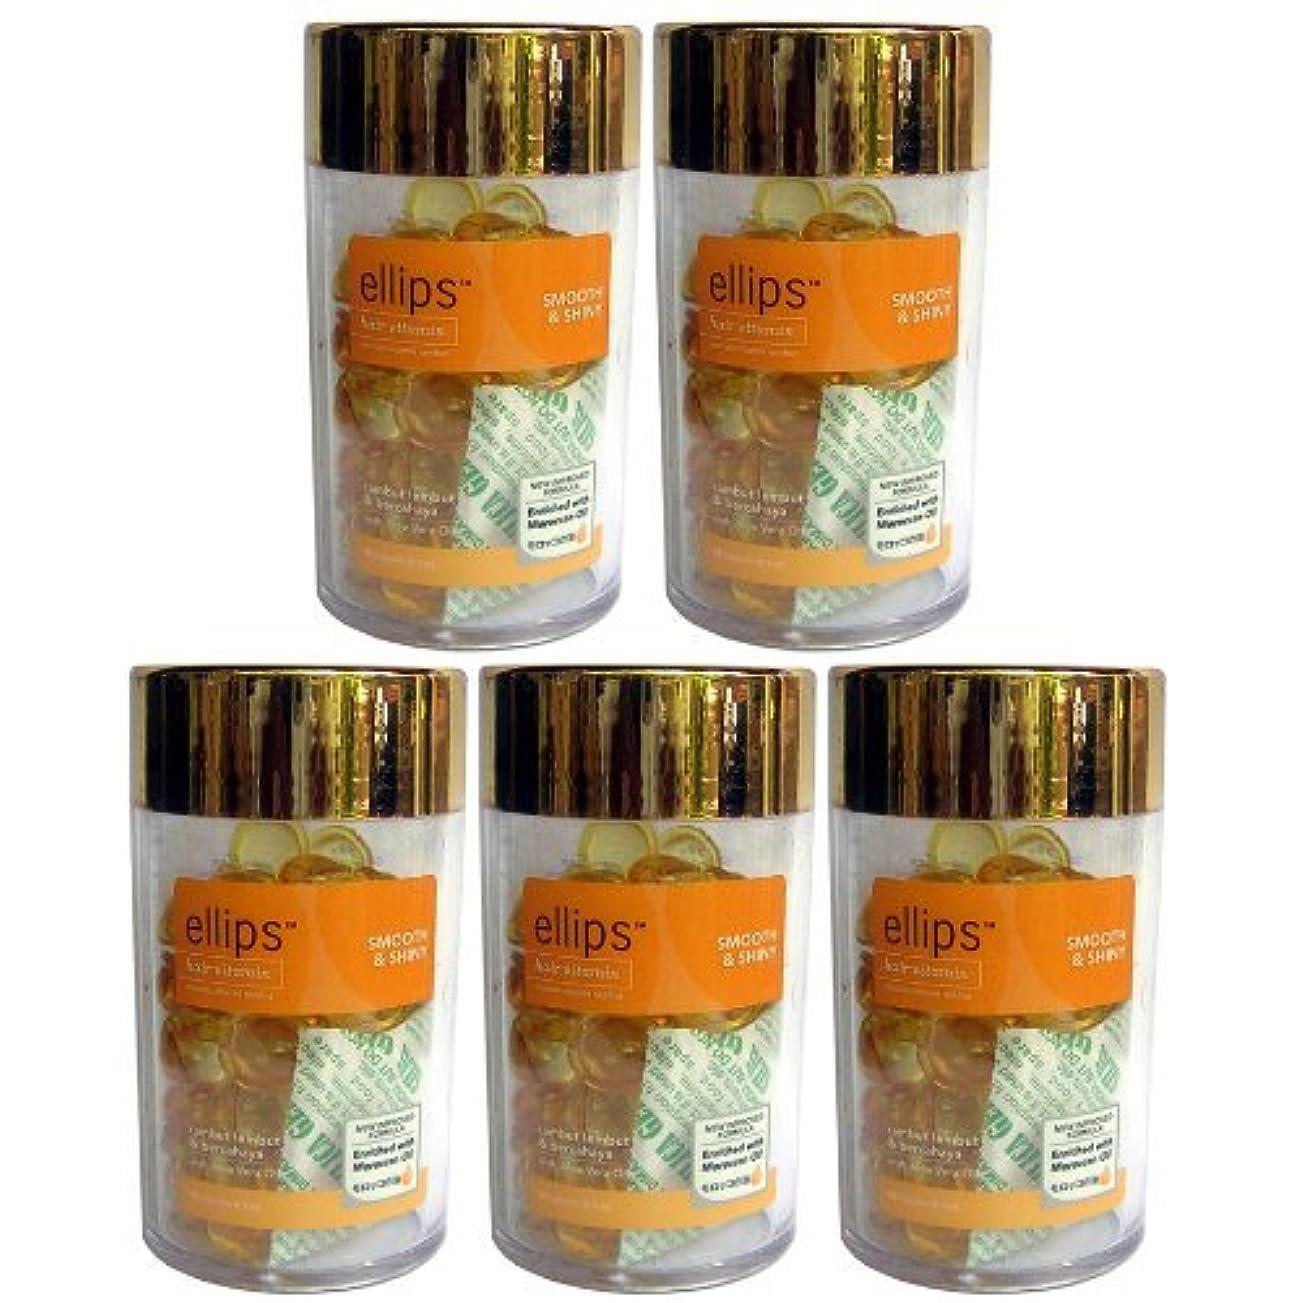 宿オペラエンドウEllips(エリプス)ヘアビタミン(50粒入)5個セット [並行輸入品][海外直送品] イエロー